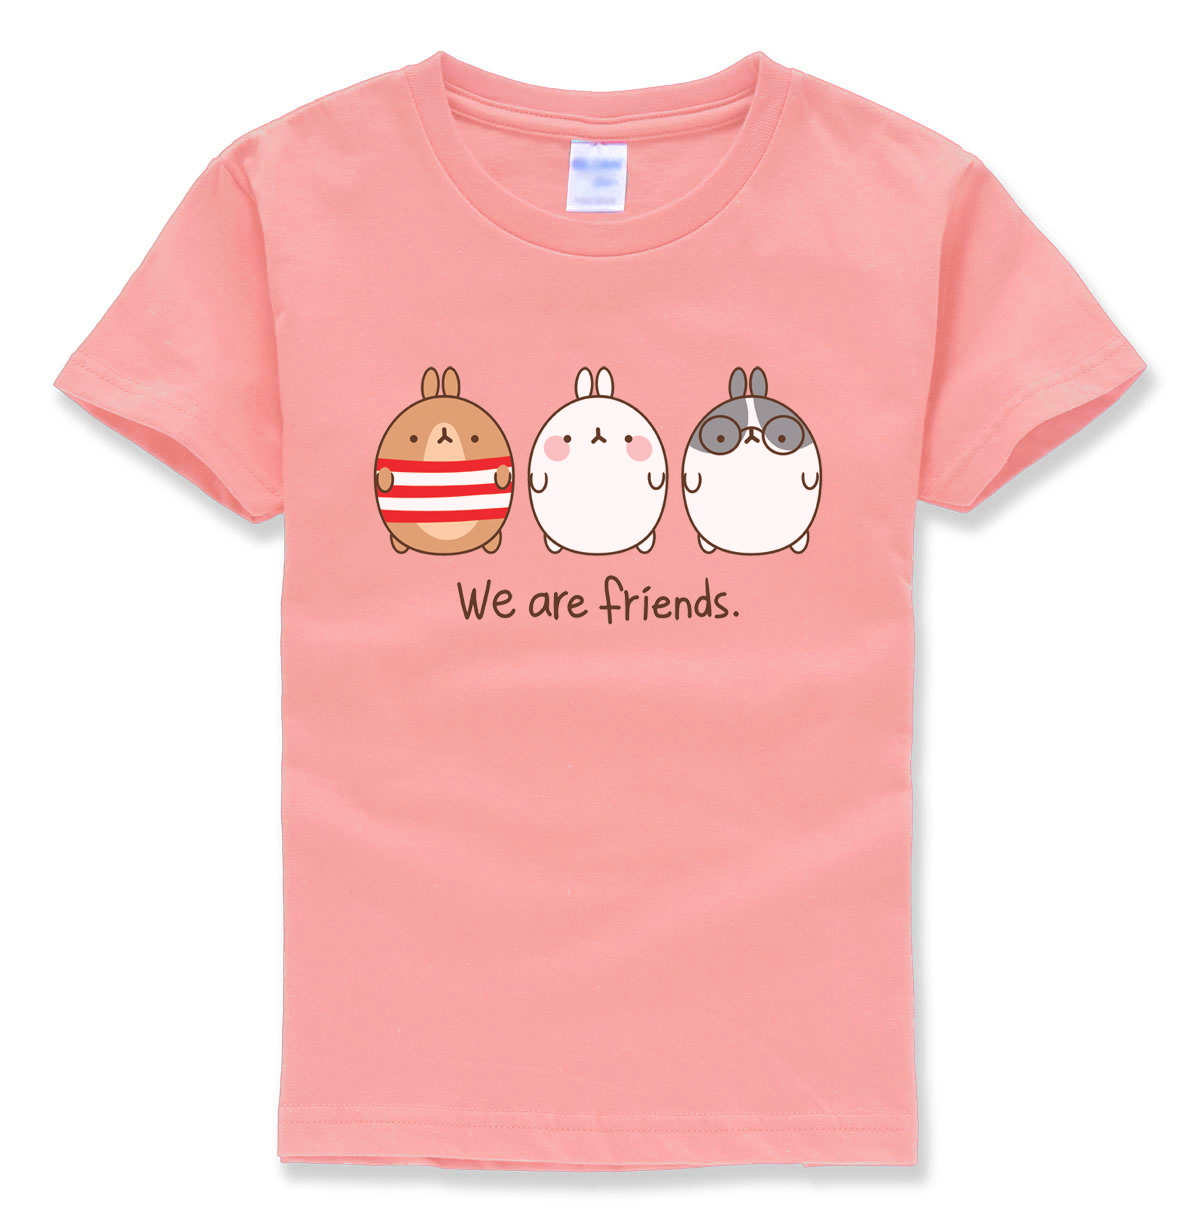 हम फ्रेंड्स लेटर प्रिटिंग फनी एनिमल टॉप्स कार्टून टी शर्ट समर 2018 नए फैशन ब्रांड के कपड़े ब्वॉय कपड़े बच्चों की टी-शर्ट